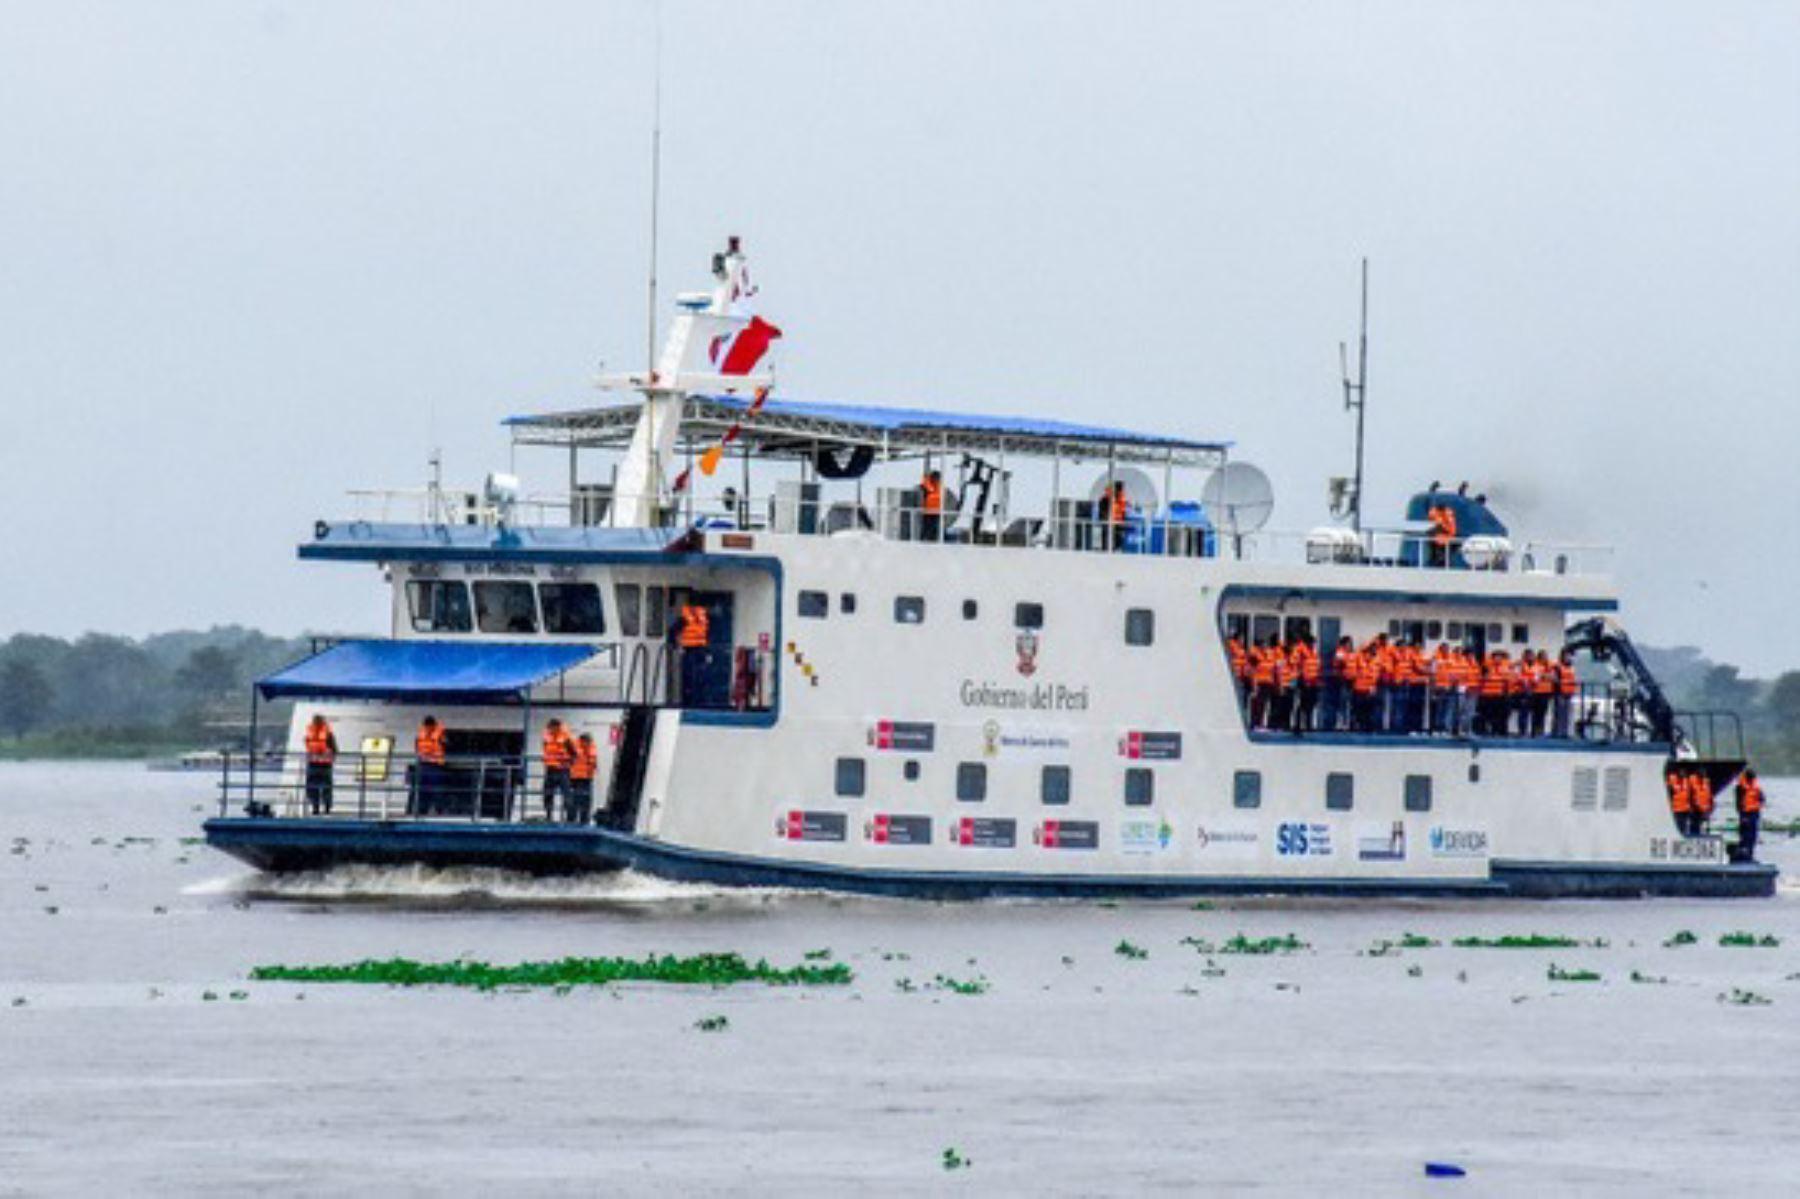 La quinta y última campaña de acción social del 2019 en la Amazonía se efectuará en seis embarcaciones.